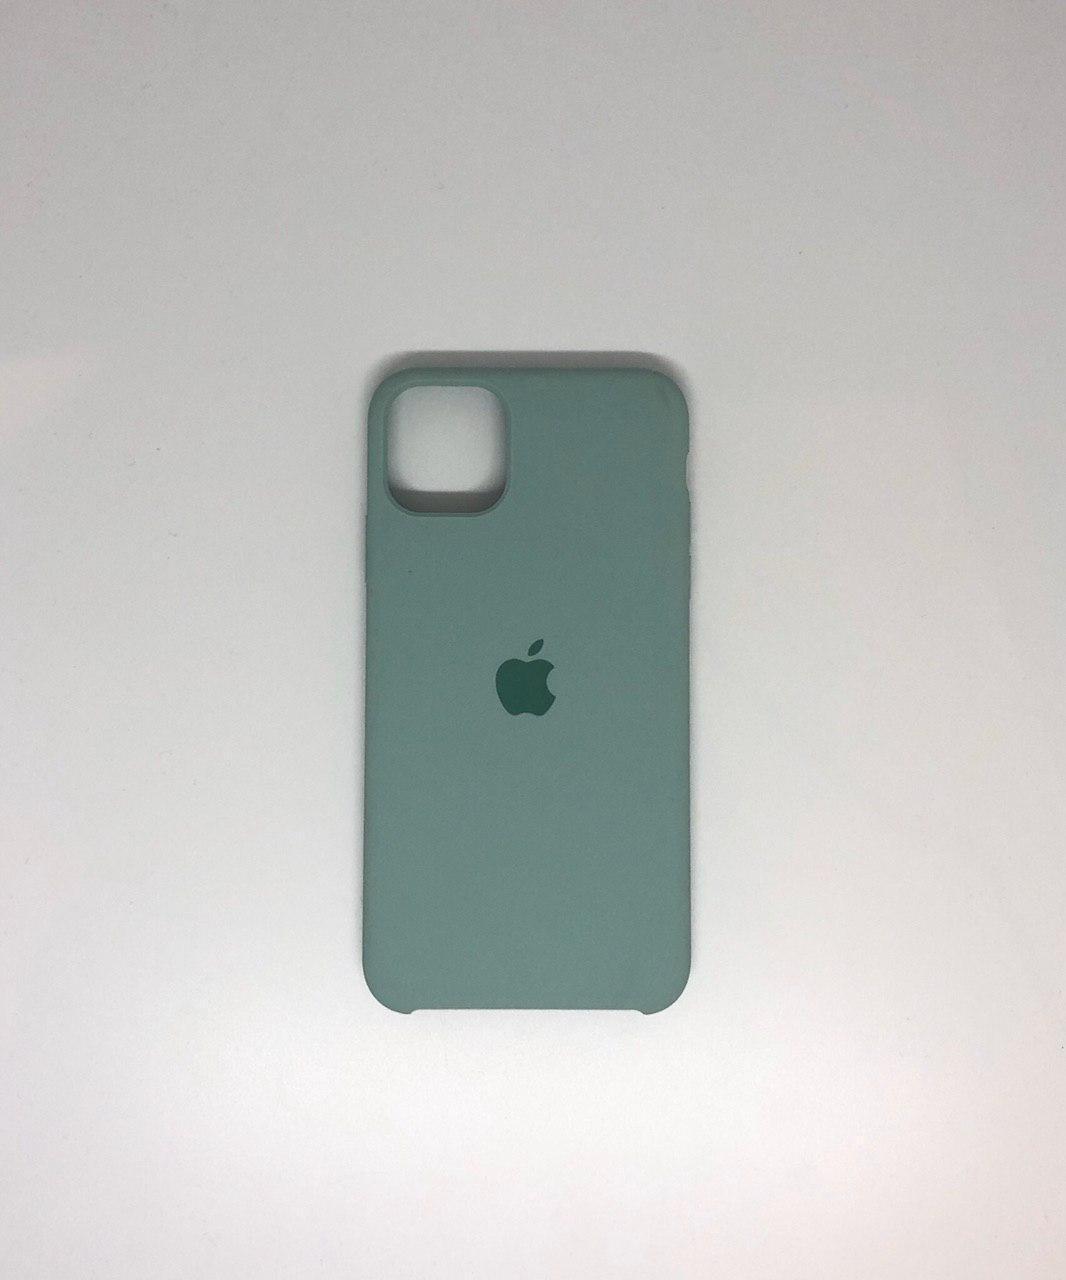 """Чехол Silicon iPhone 11 - """"Яркий изумруд №44"""""""